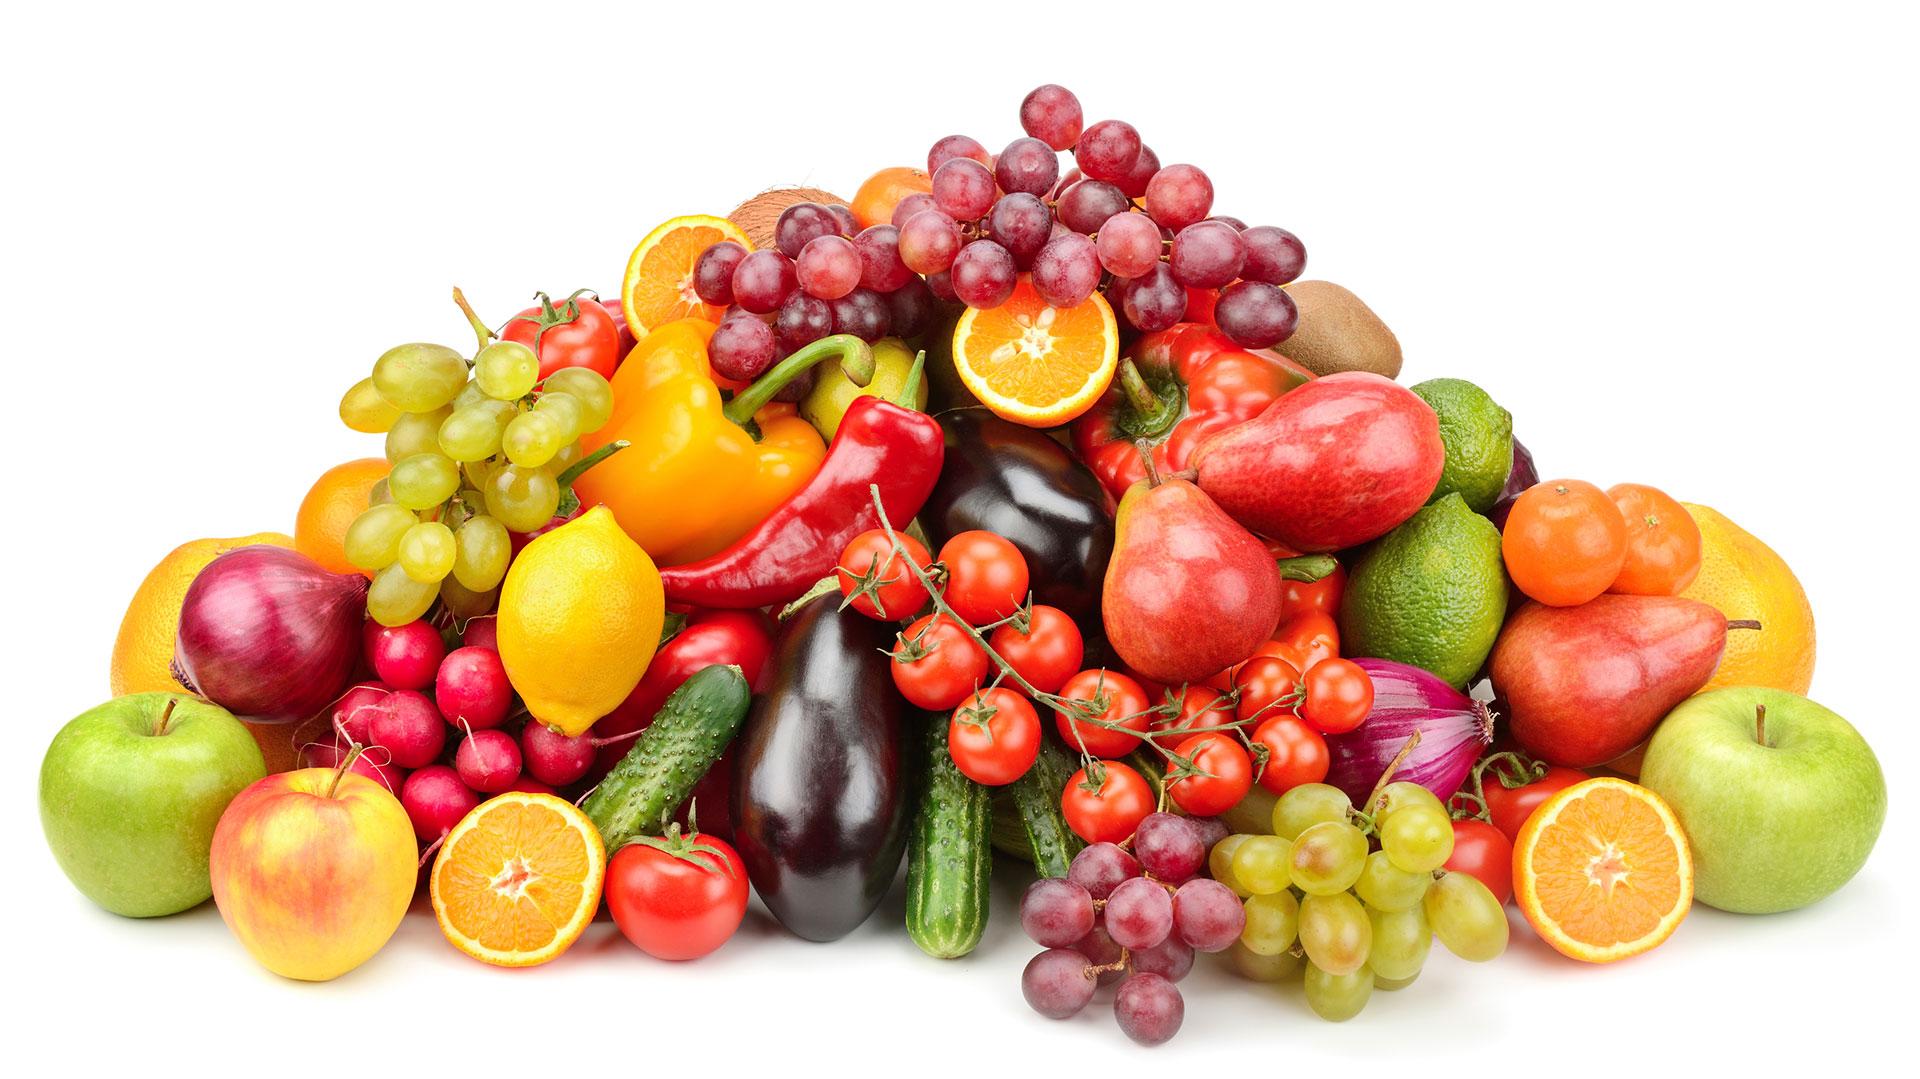 Las frutas y verduras contienen fibra en sus cáscaras y fibra soluble benficiosas para el instestino (iStock)